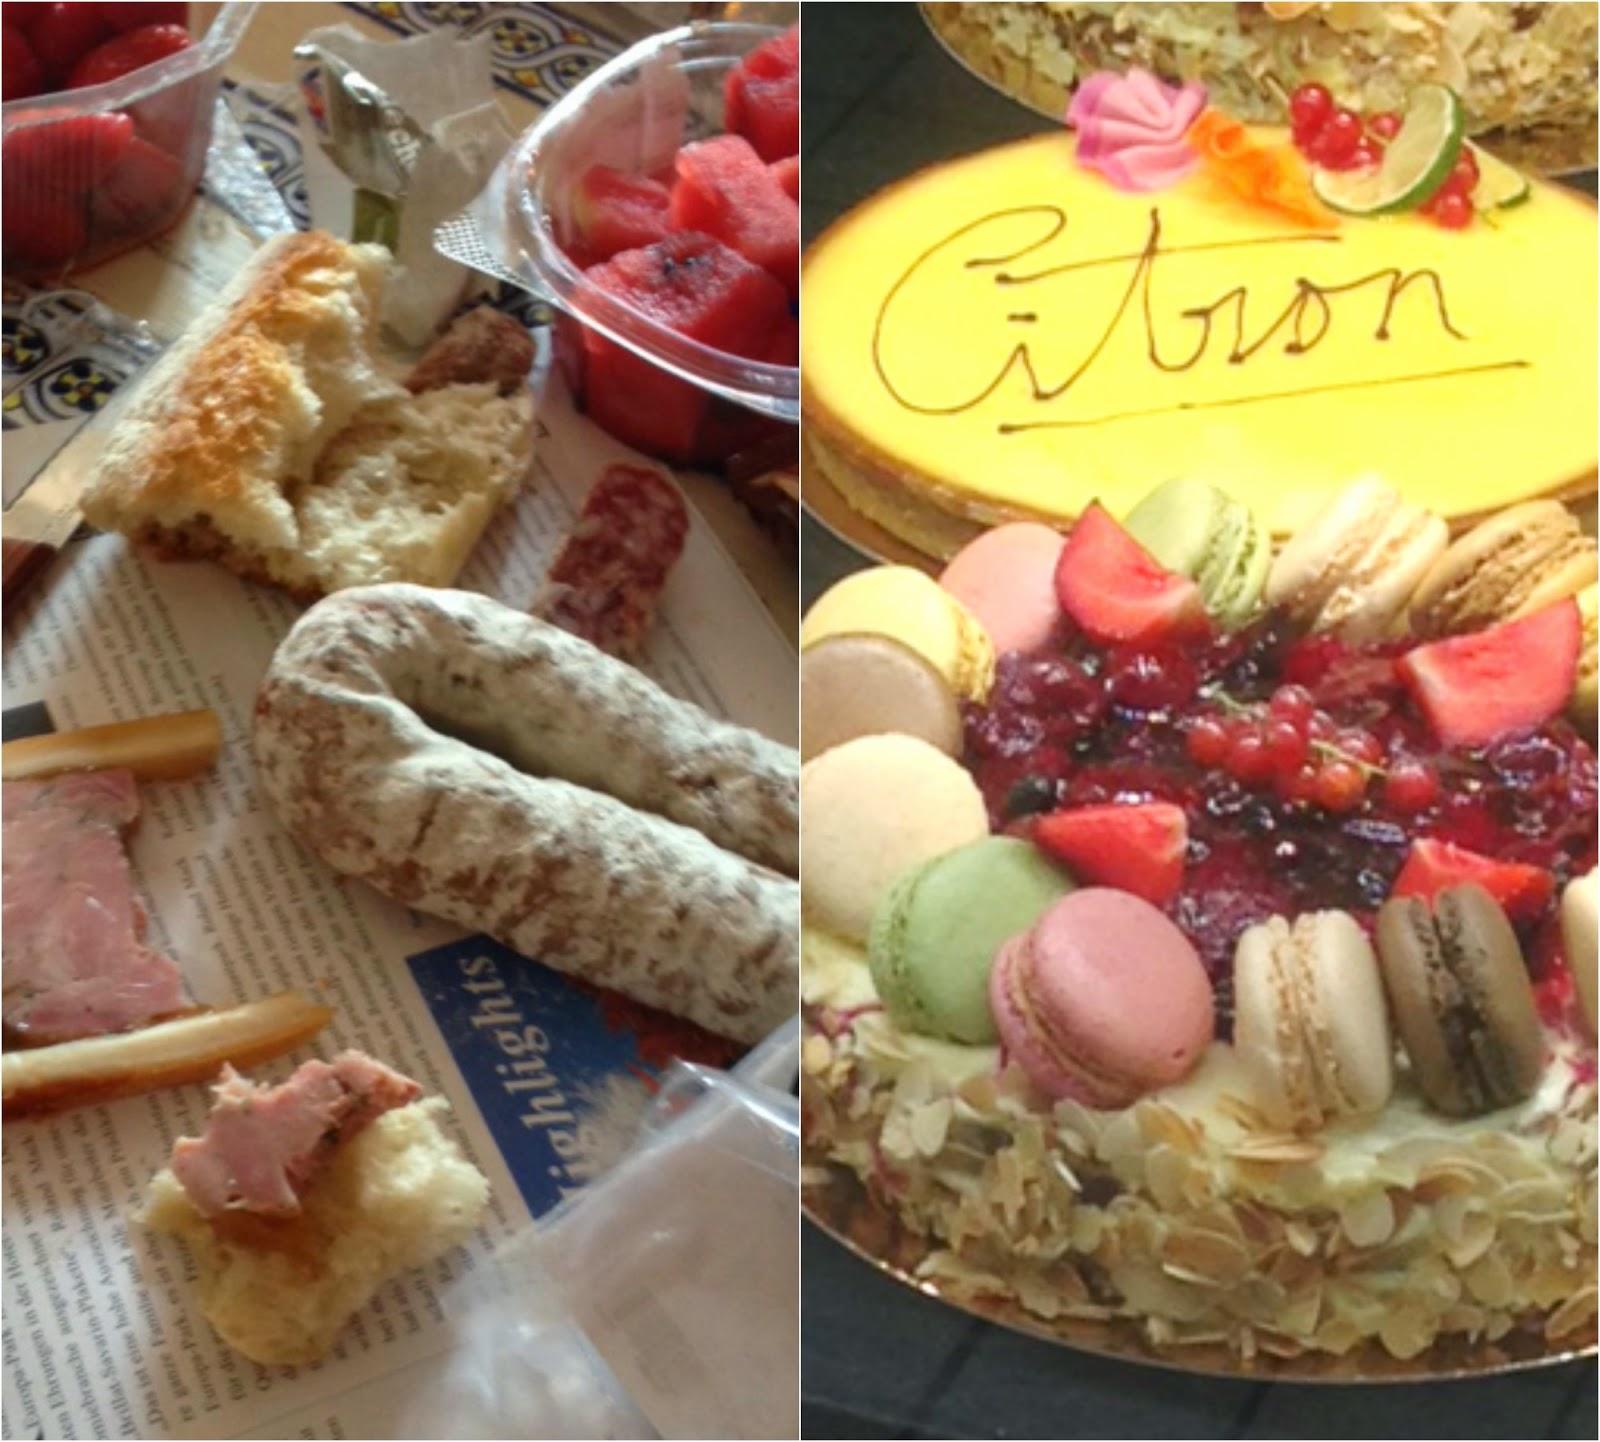 Wir haben einen wunderbaren Ausflug in den Europapark gemacht - mit einem kleinen Abstecher über das Elsass. Links unser kleines Picknick, rechts die Macaron-Torte, die aber in der Vitrine bleiben durfte...